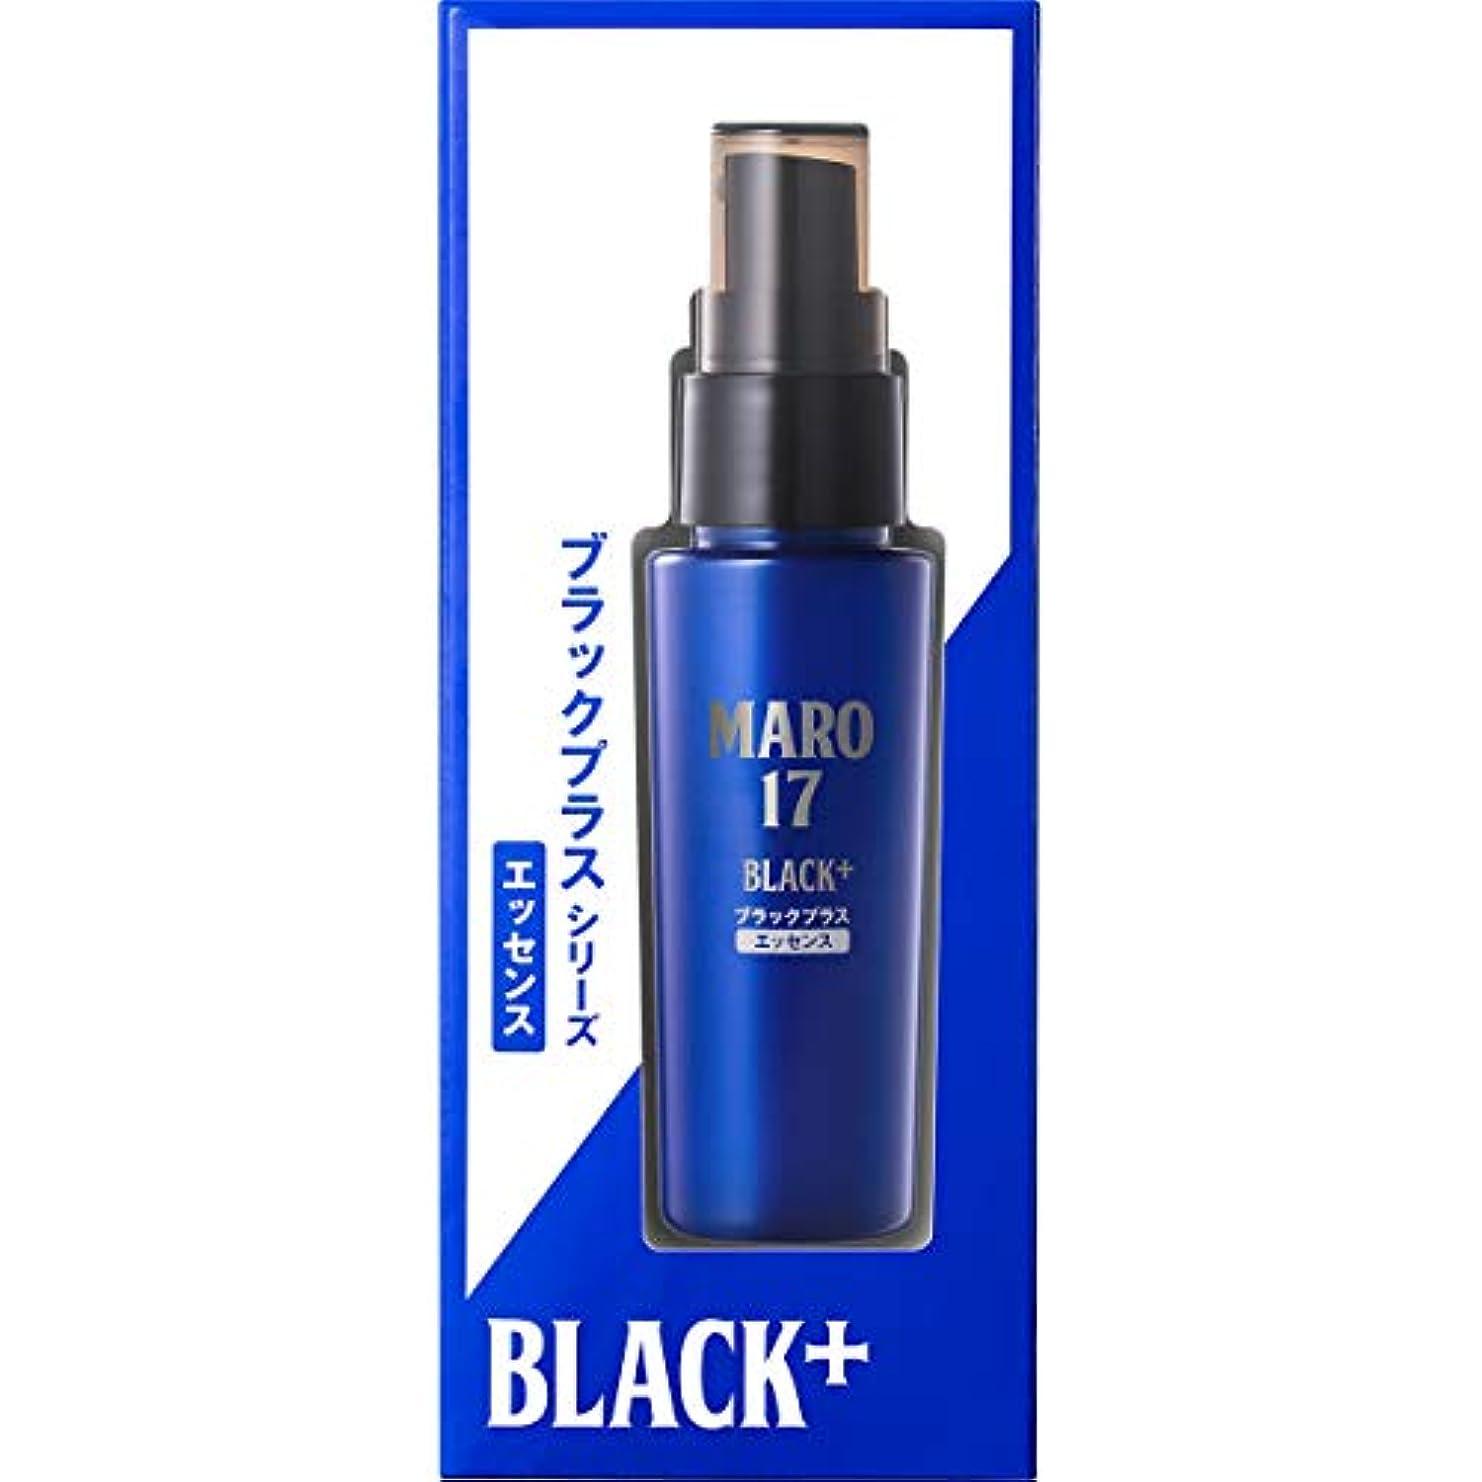 非効率的なミケランジェロ変装したMARO17 ブラックプラス シリーズ エッセンス 50ml